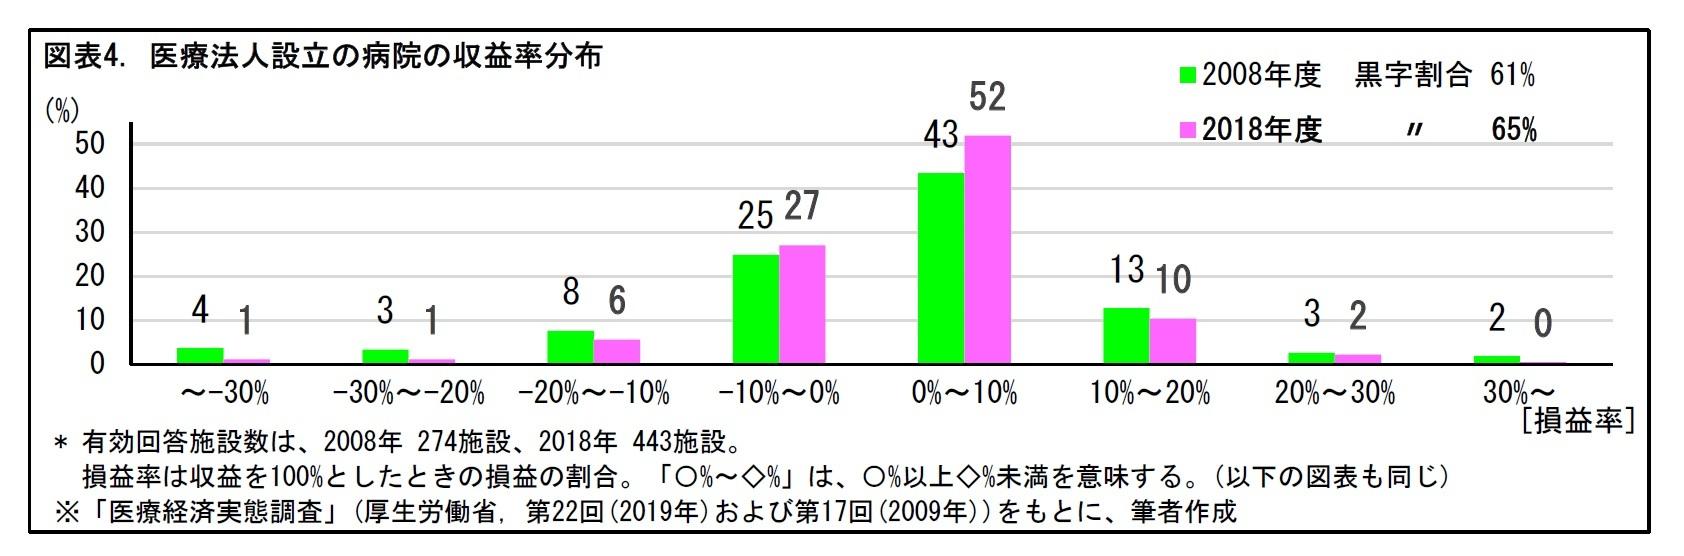 図表4. 医療法人設立の病院の収益率分布